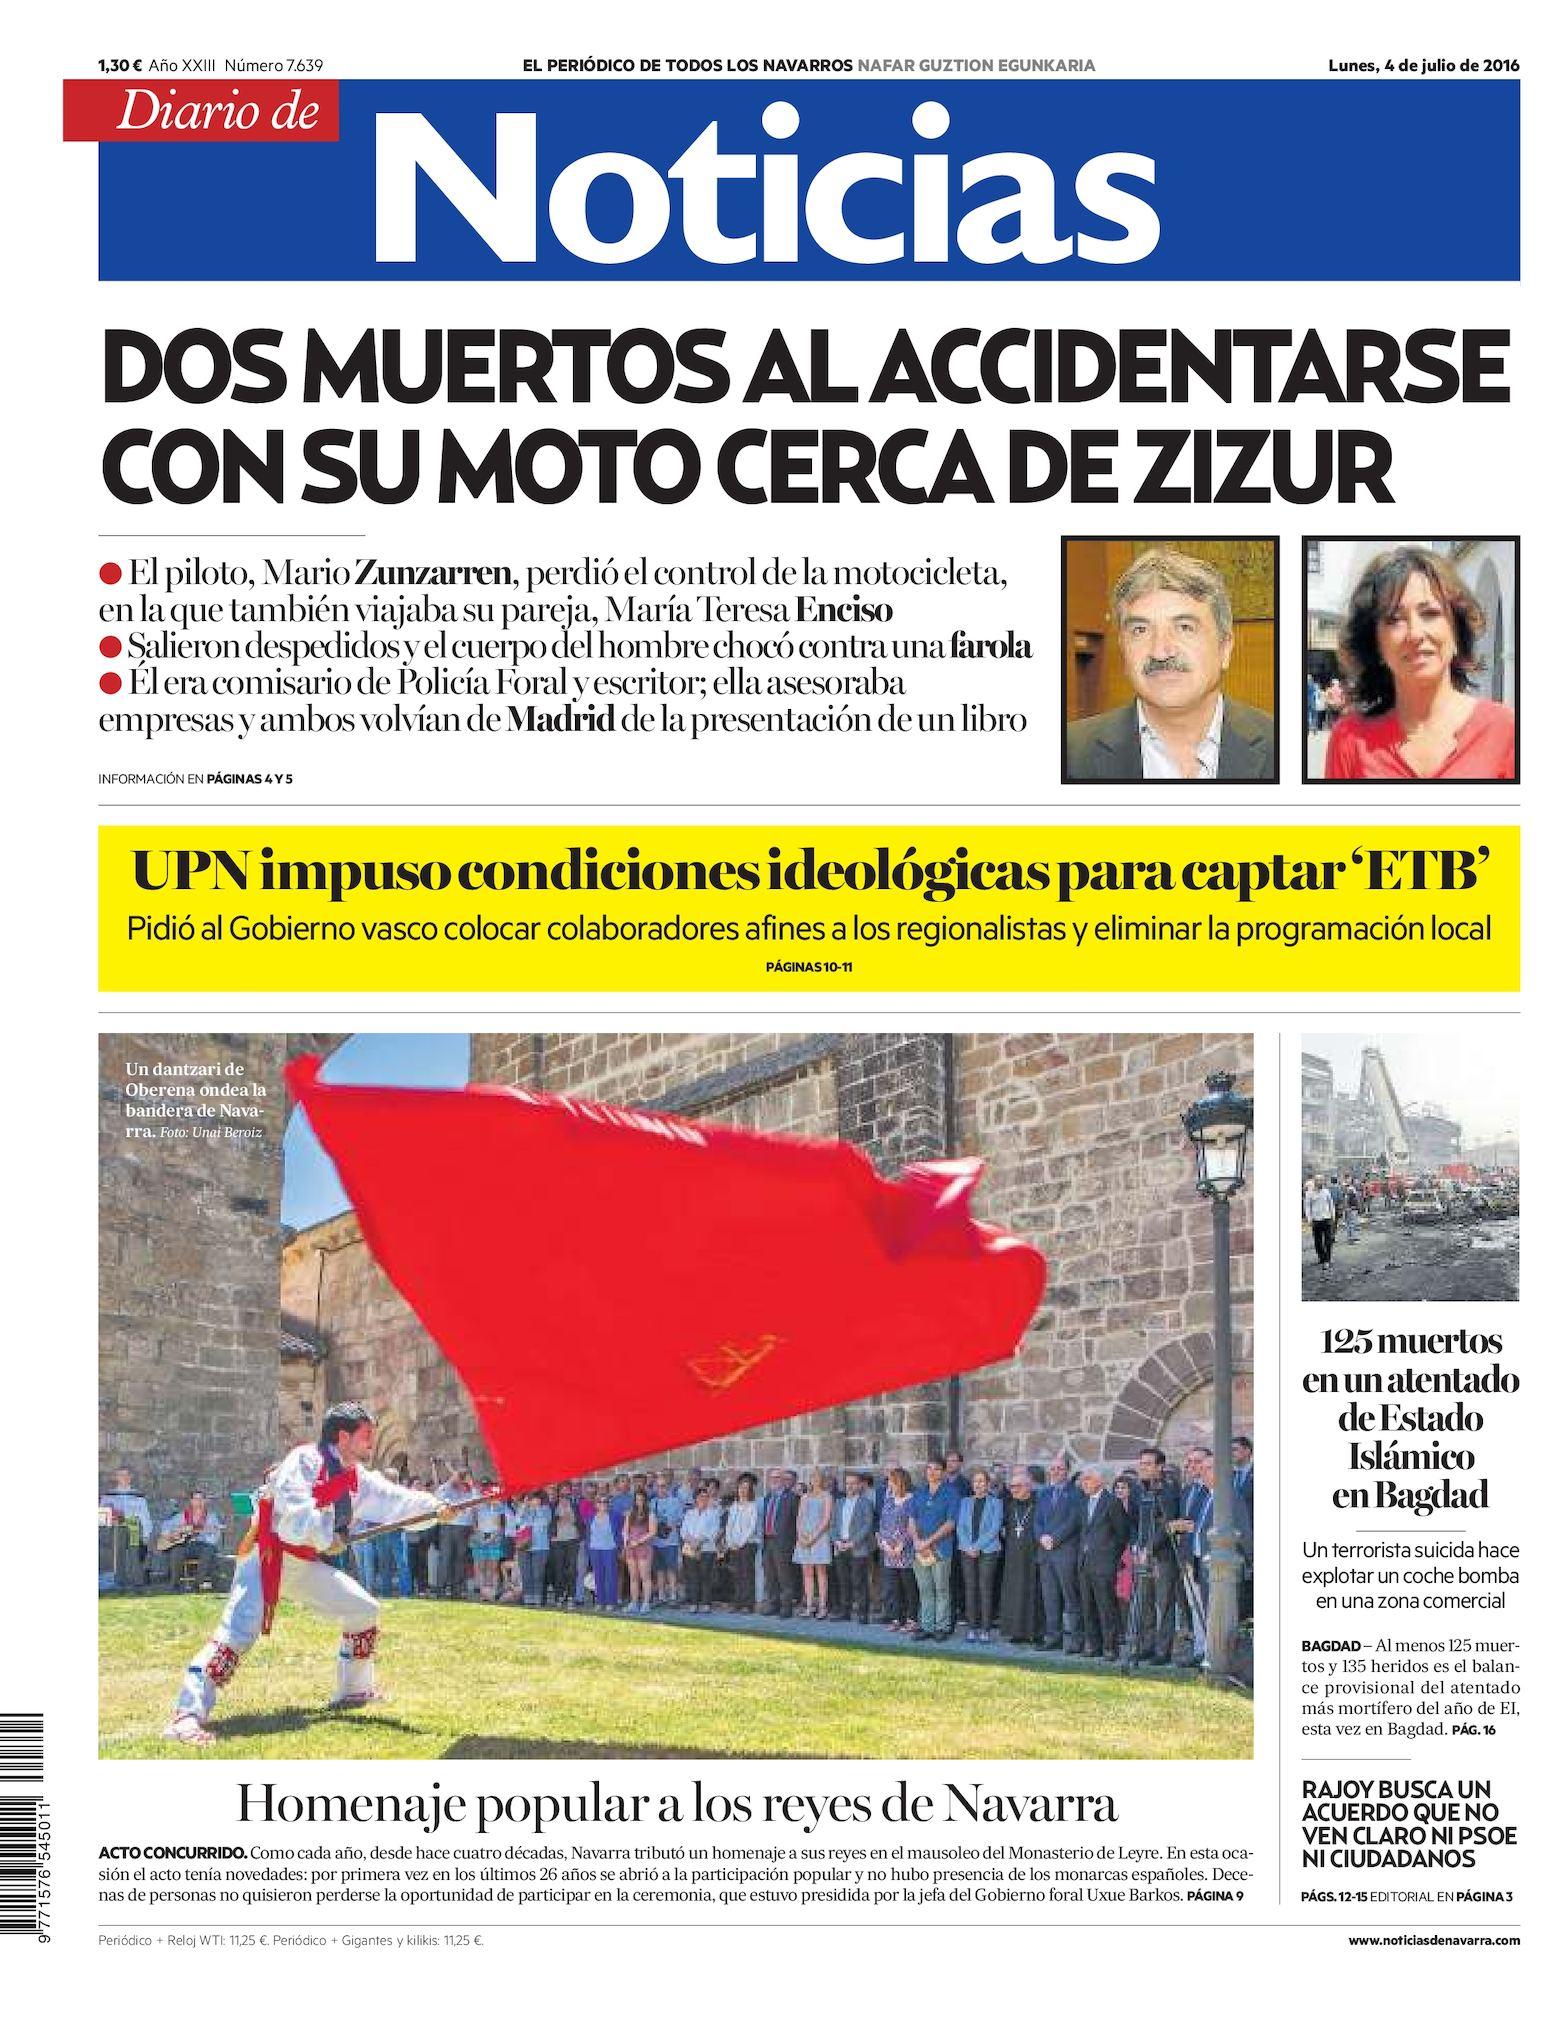 241fbd00f30 Calaméo - Diario de Noticias 20160704